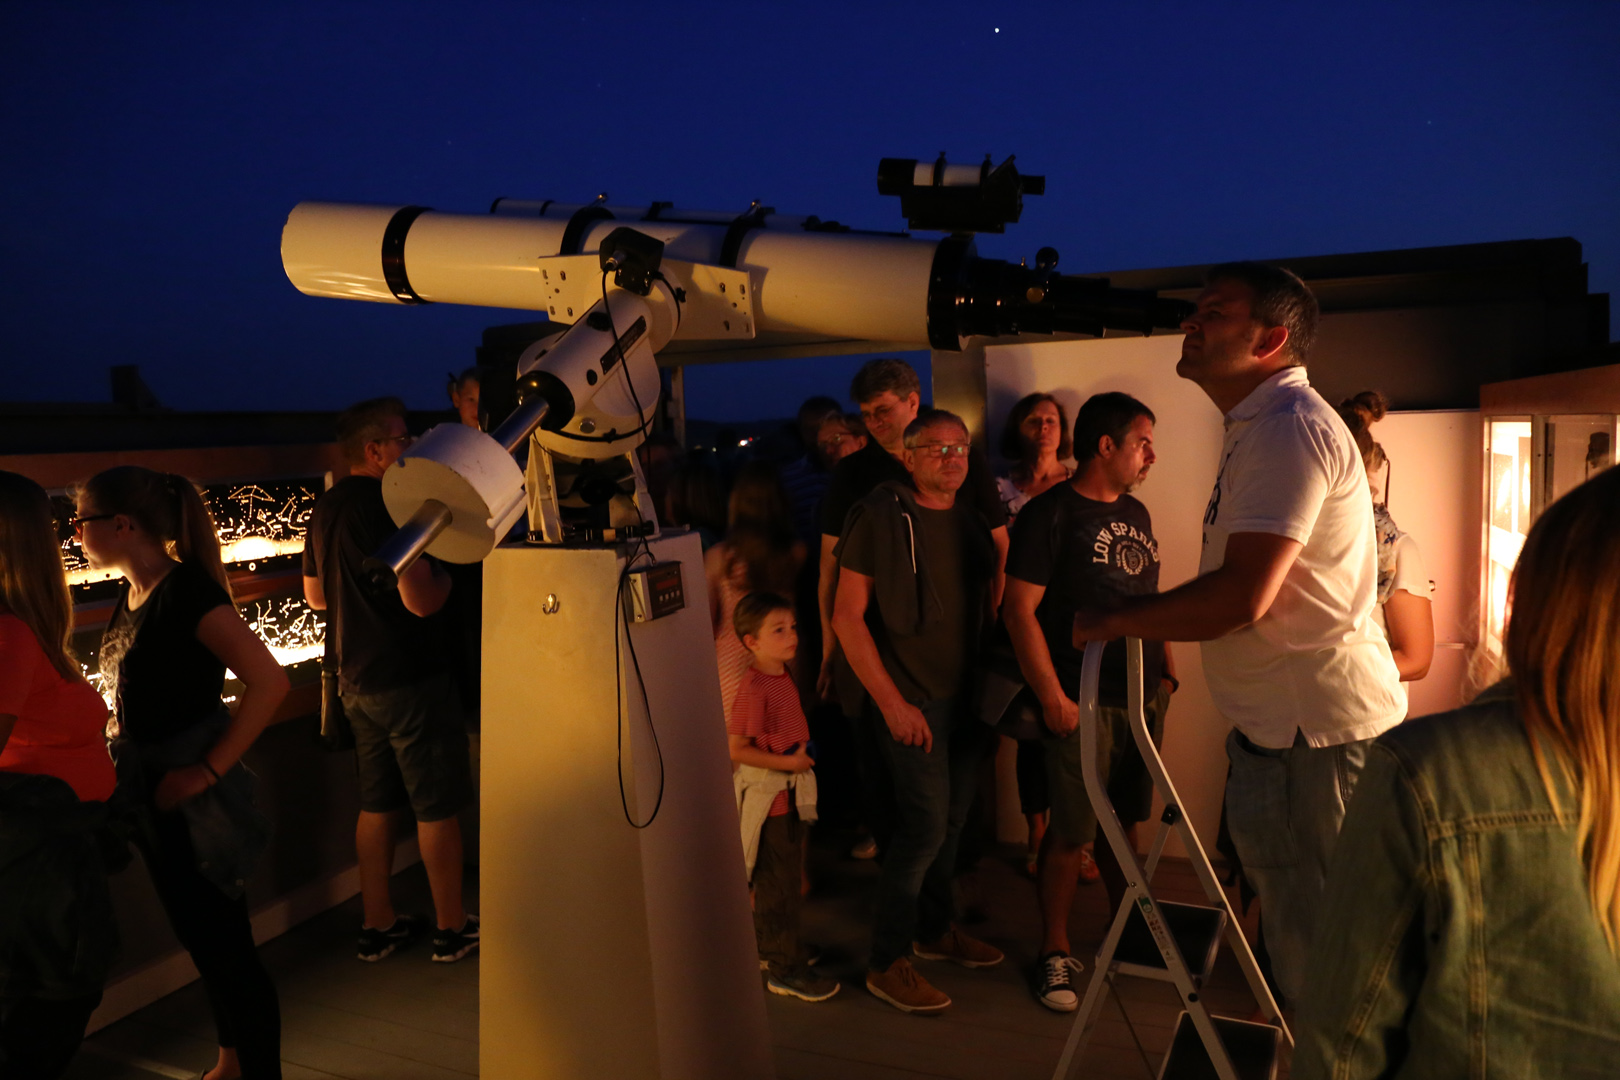 Die totale Mondfinsternis vom 27.7.18 – Sternwarte Passau